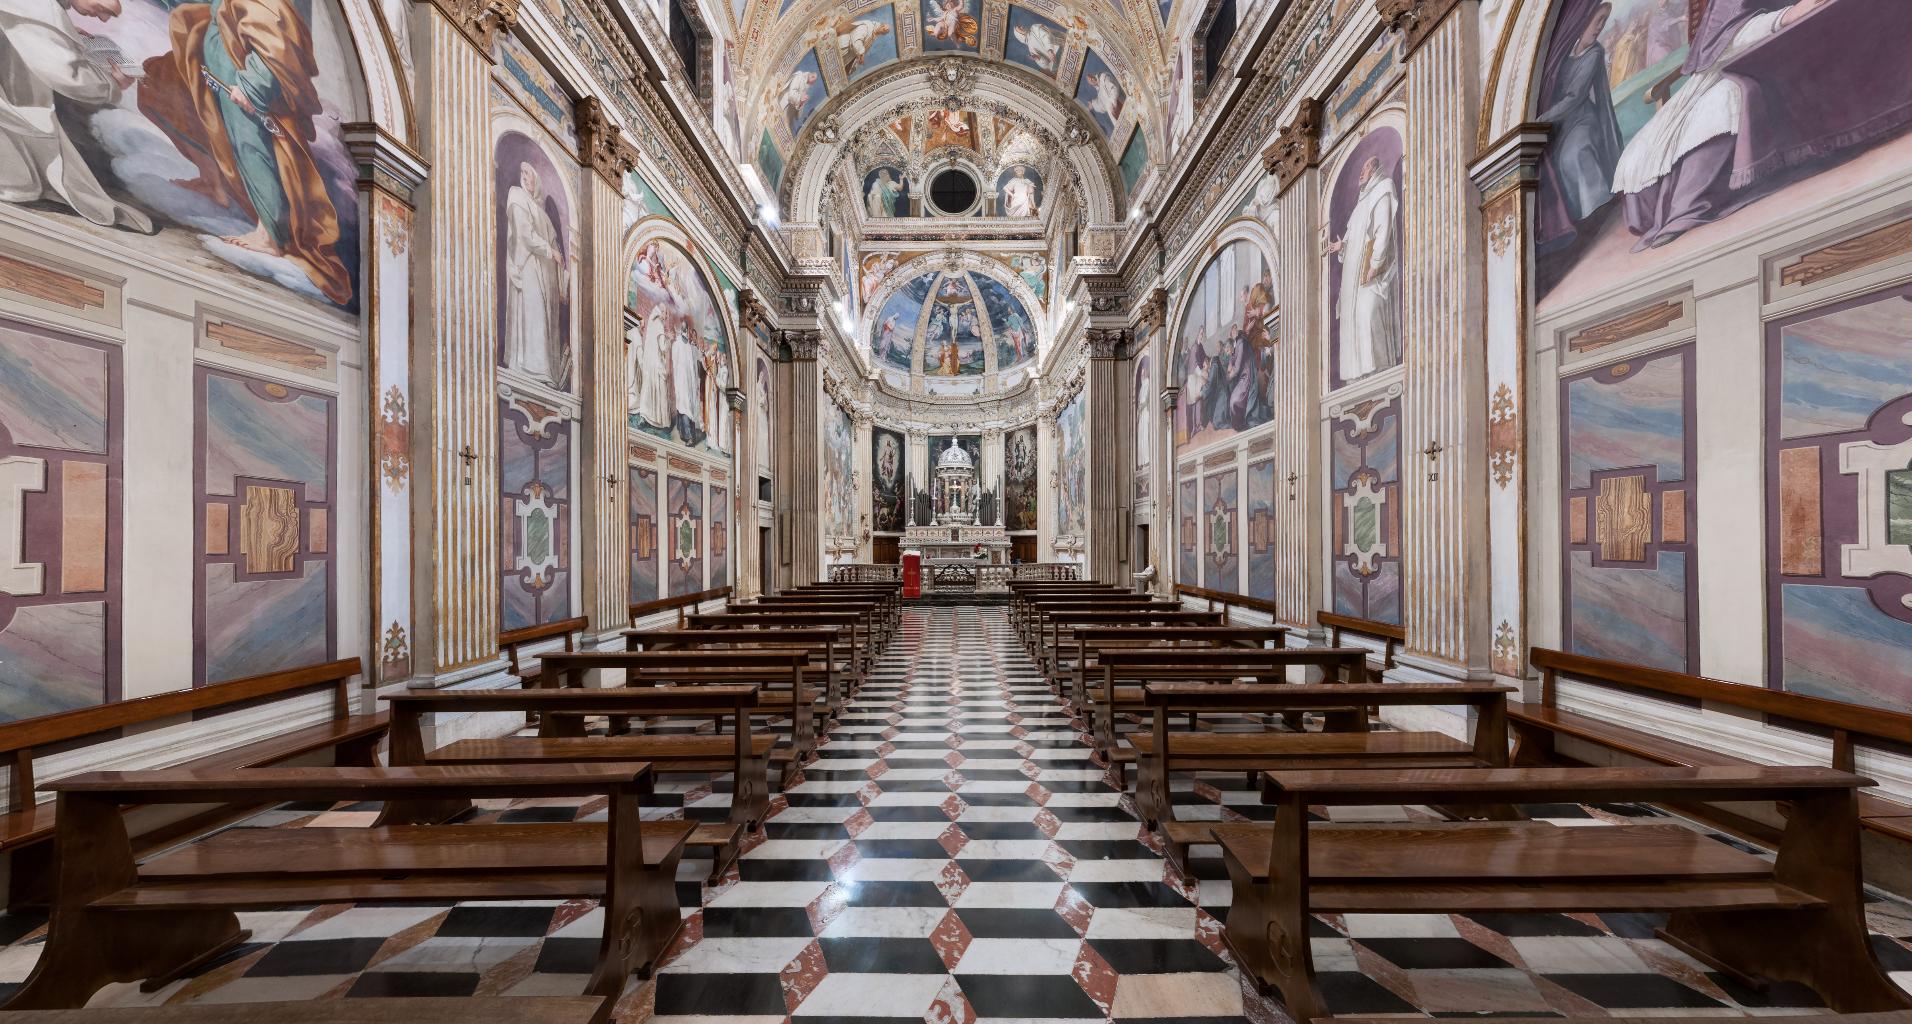 Visite individuali alla Certosa